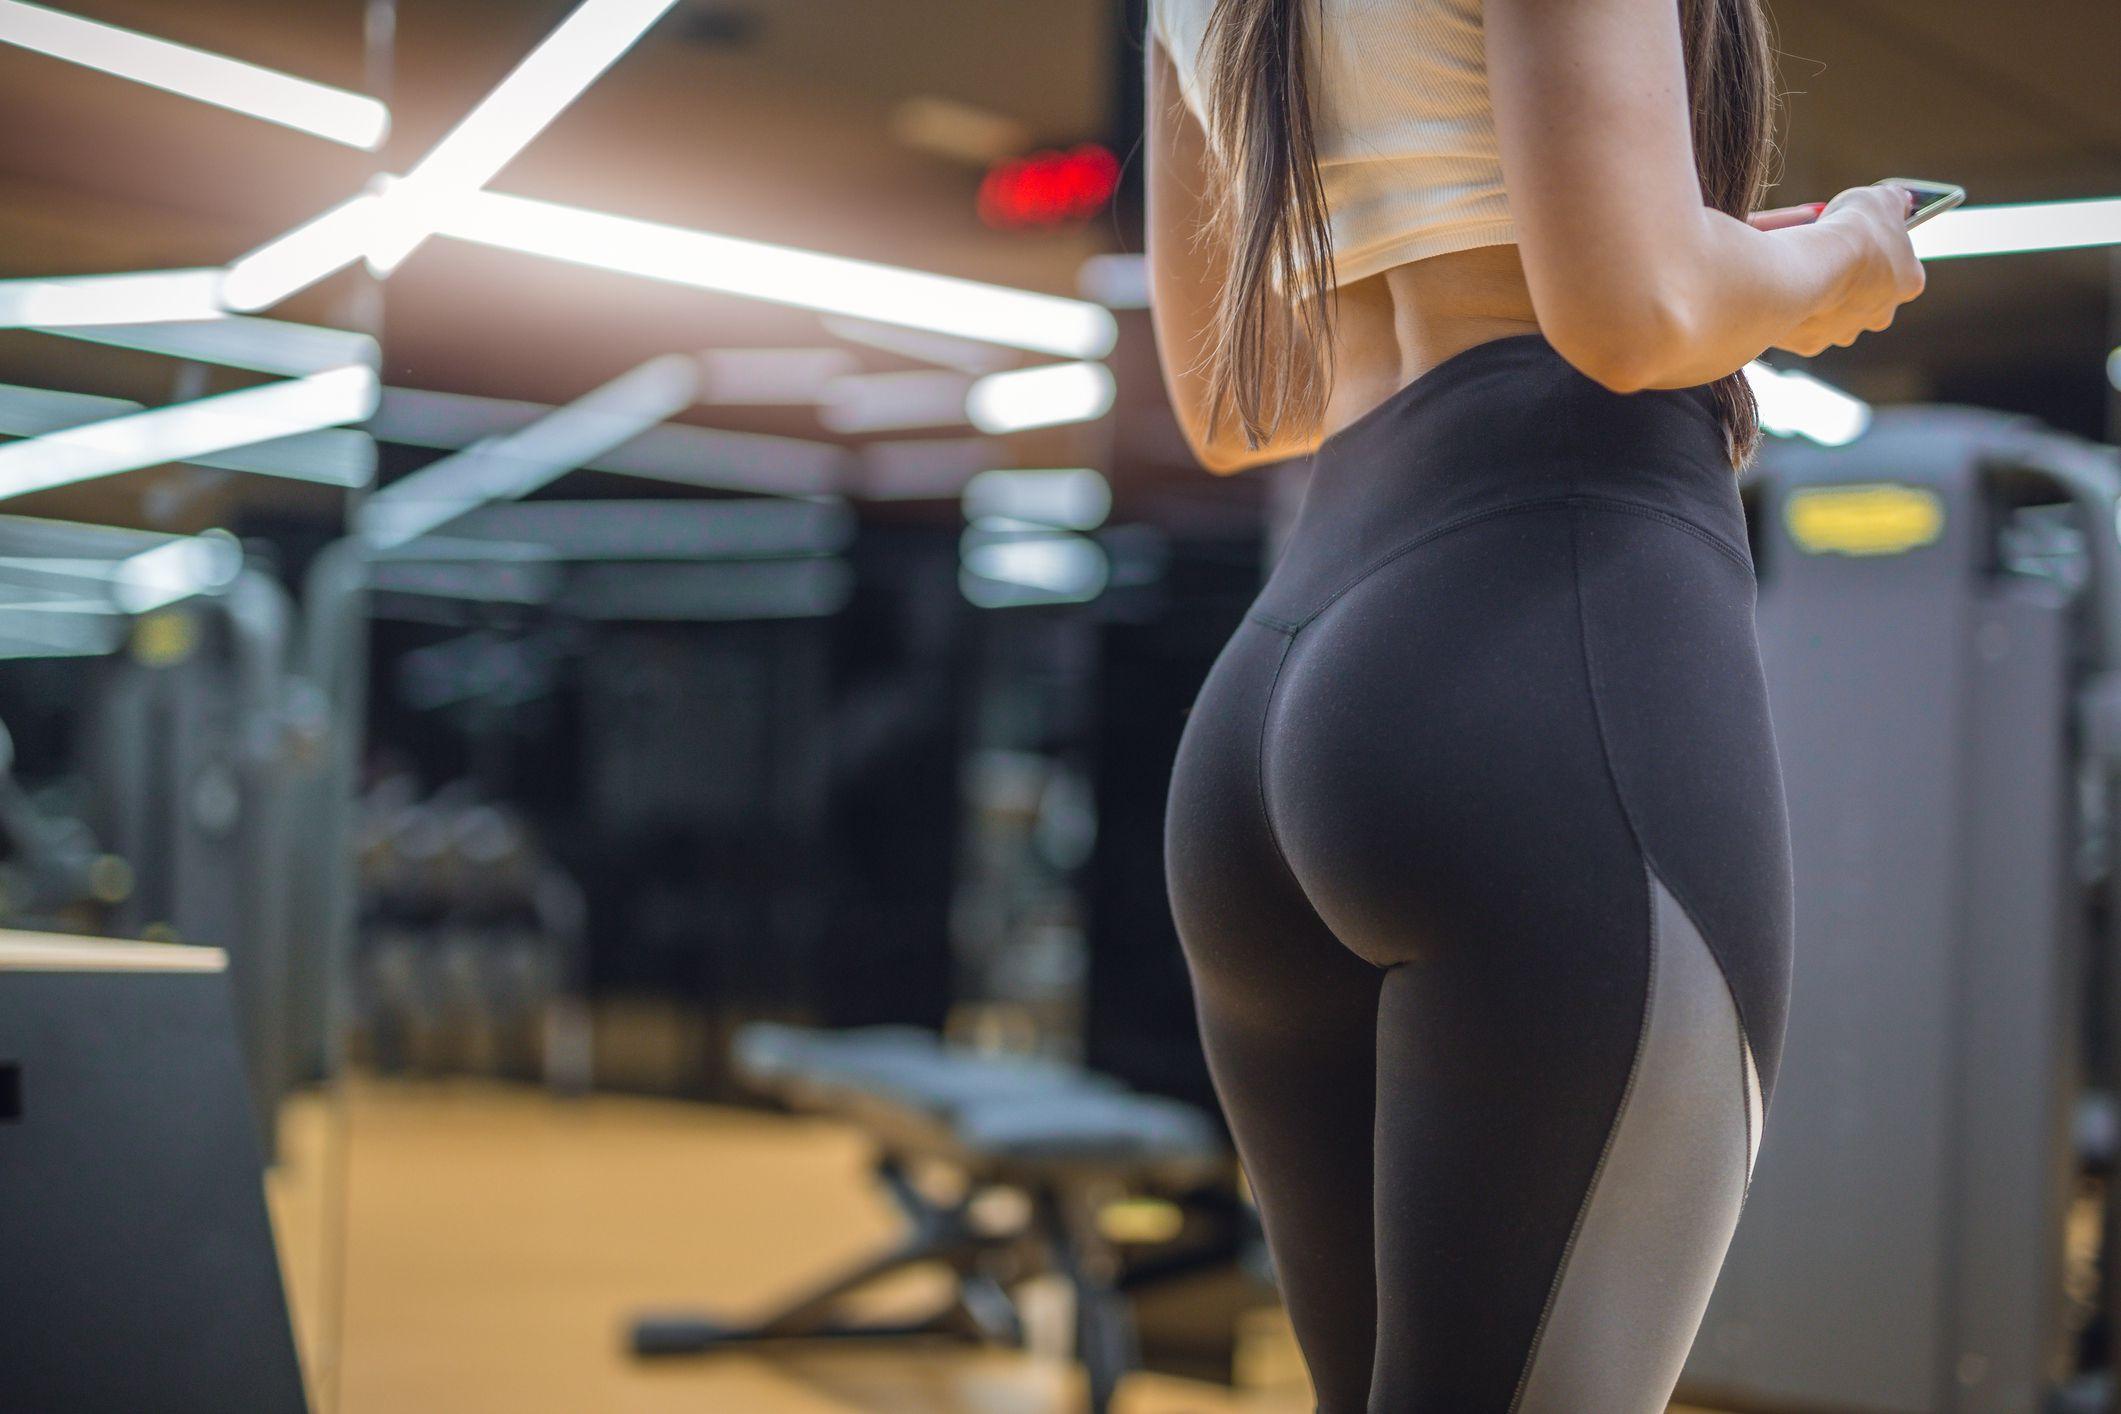 救救讓男人倒胃口的方屁股!翹臀運動練出性感臀線